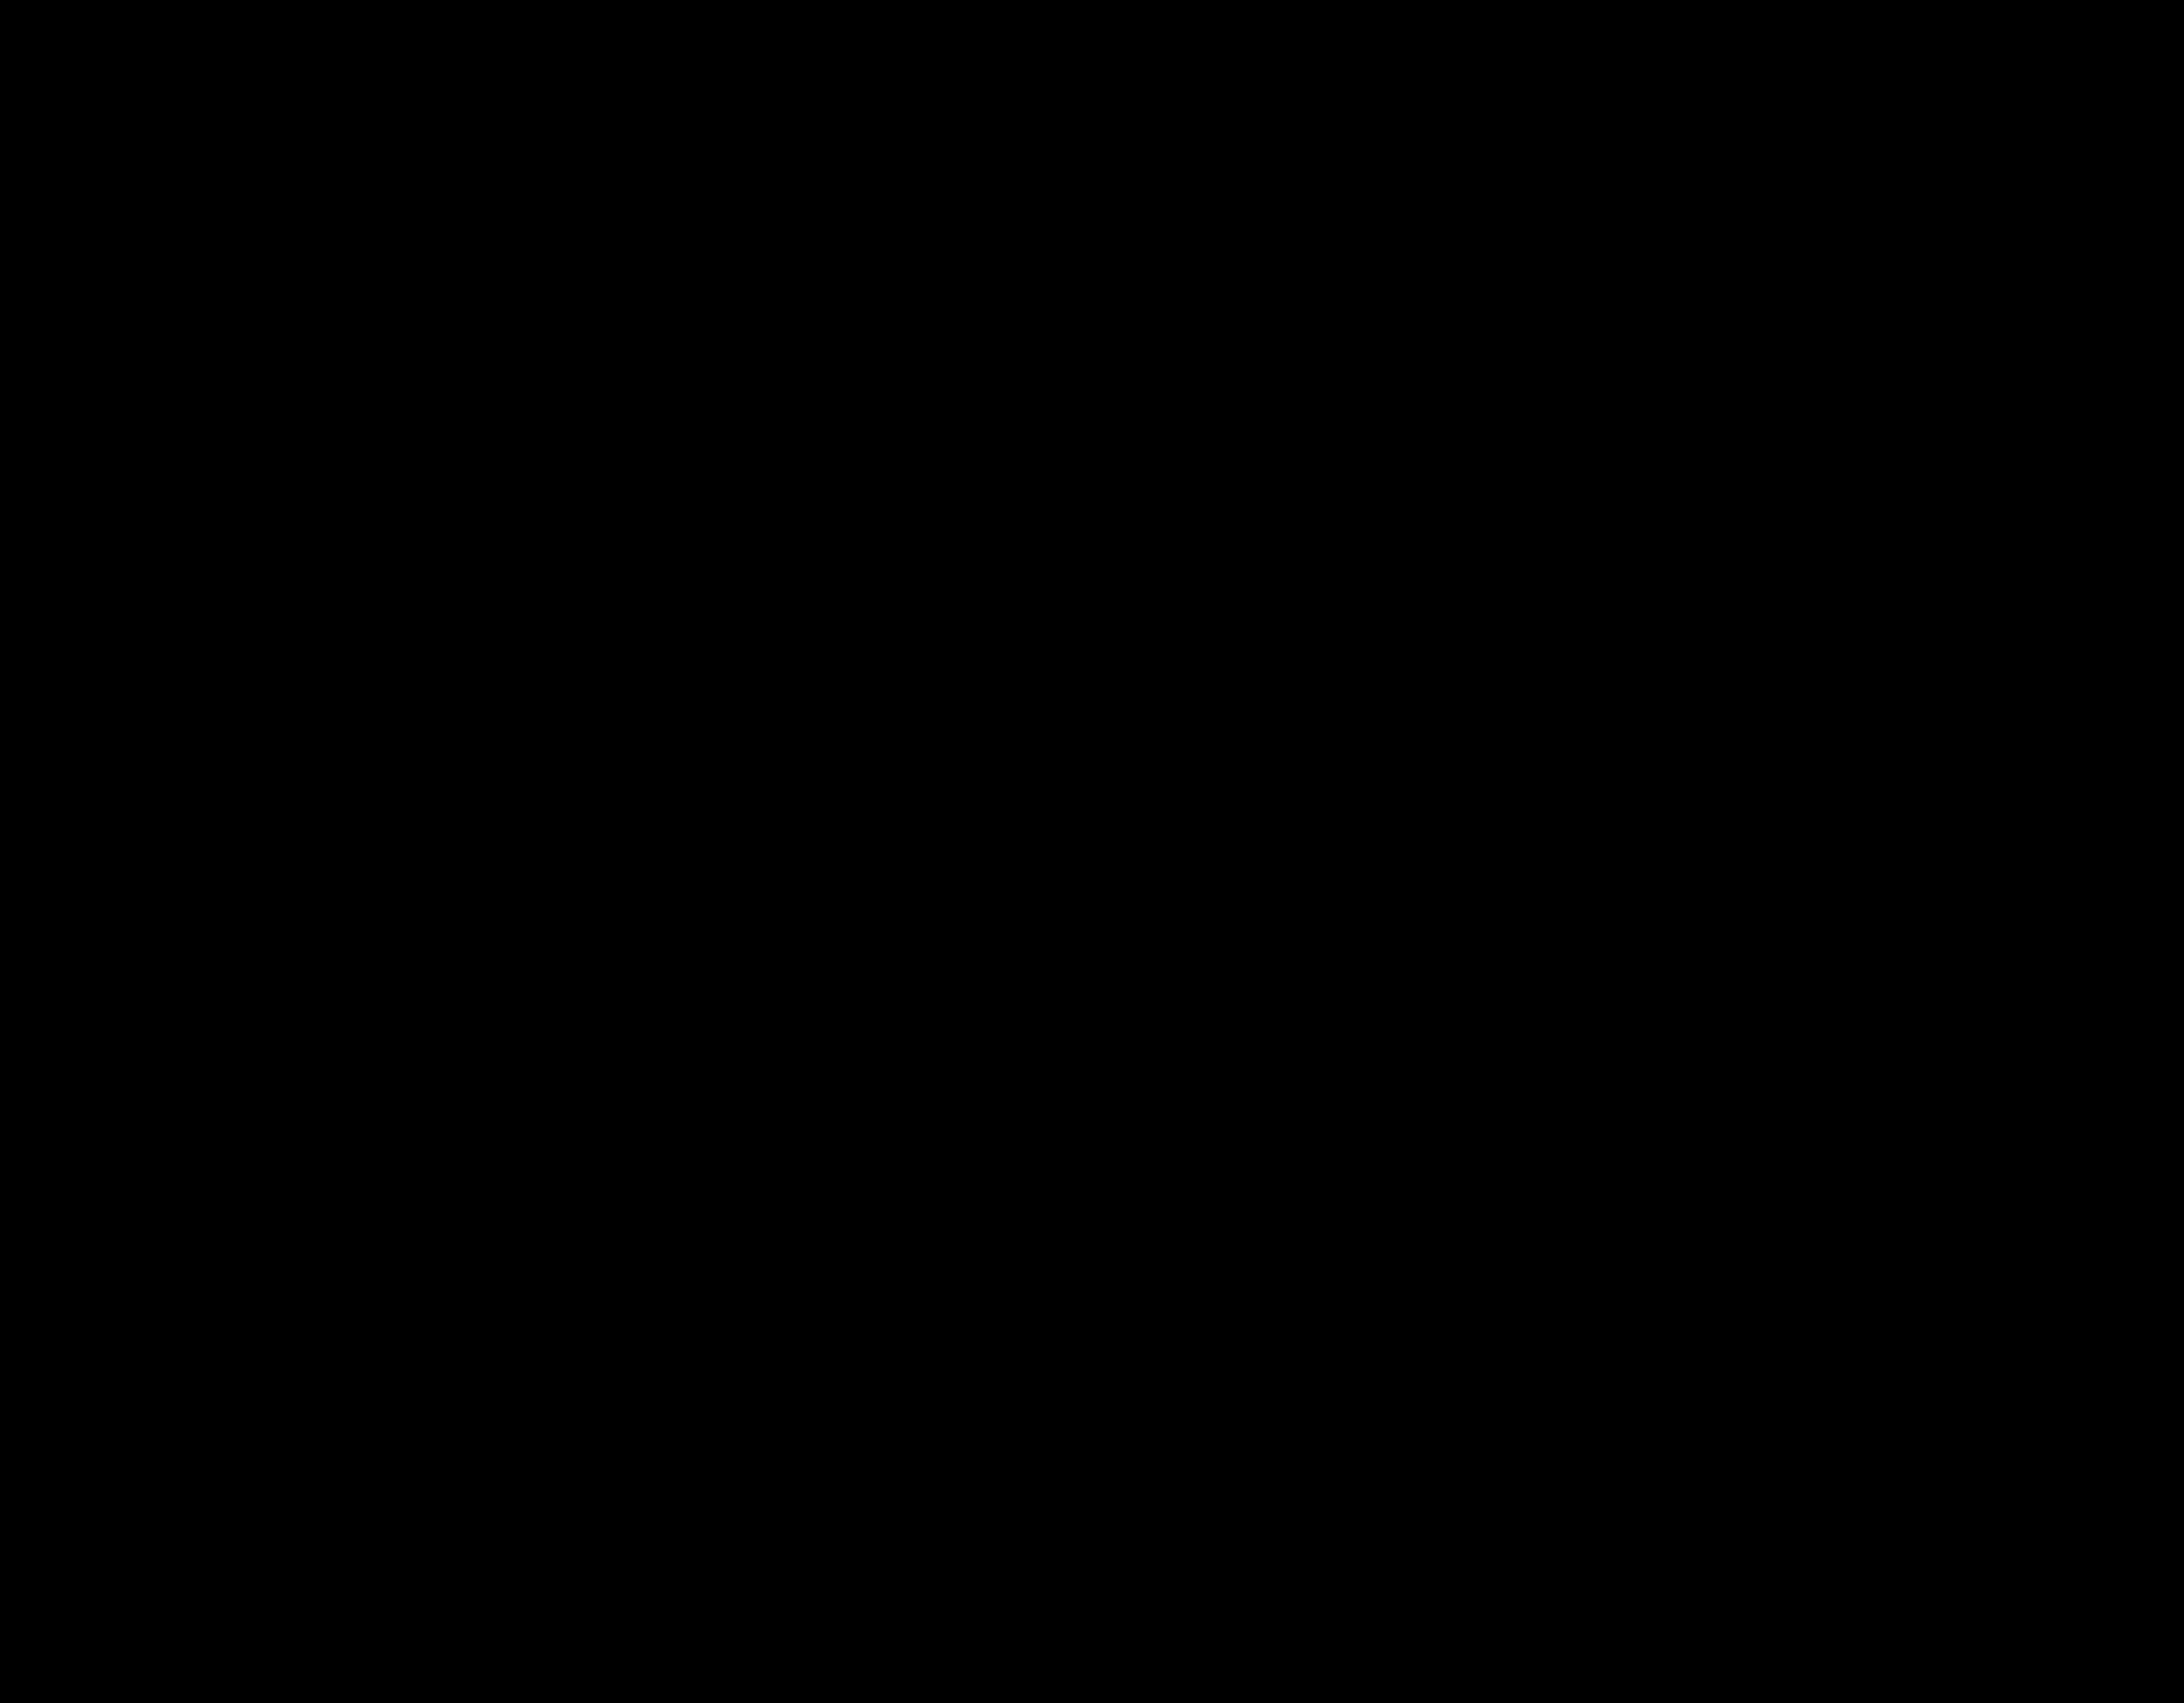 Ava Gardner - Frank Sinatra Honeymoon cards - Equator crossing